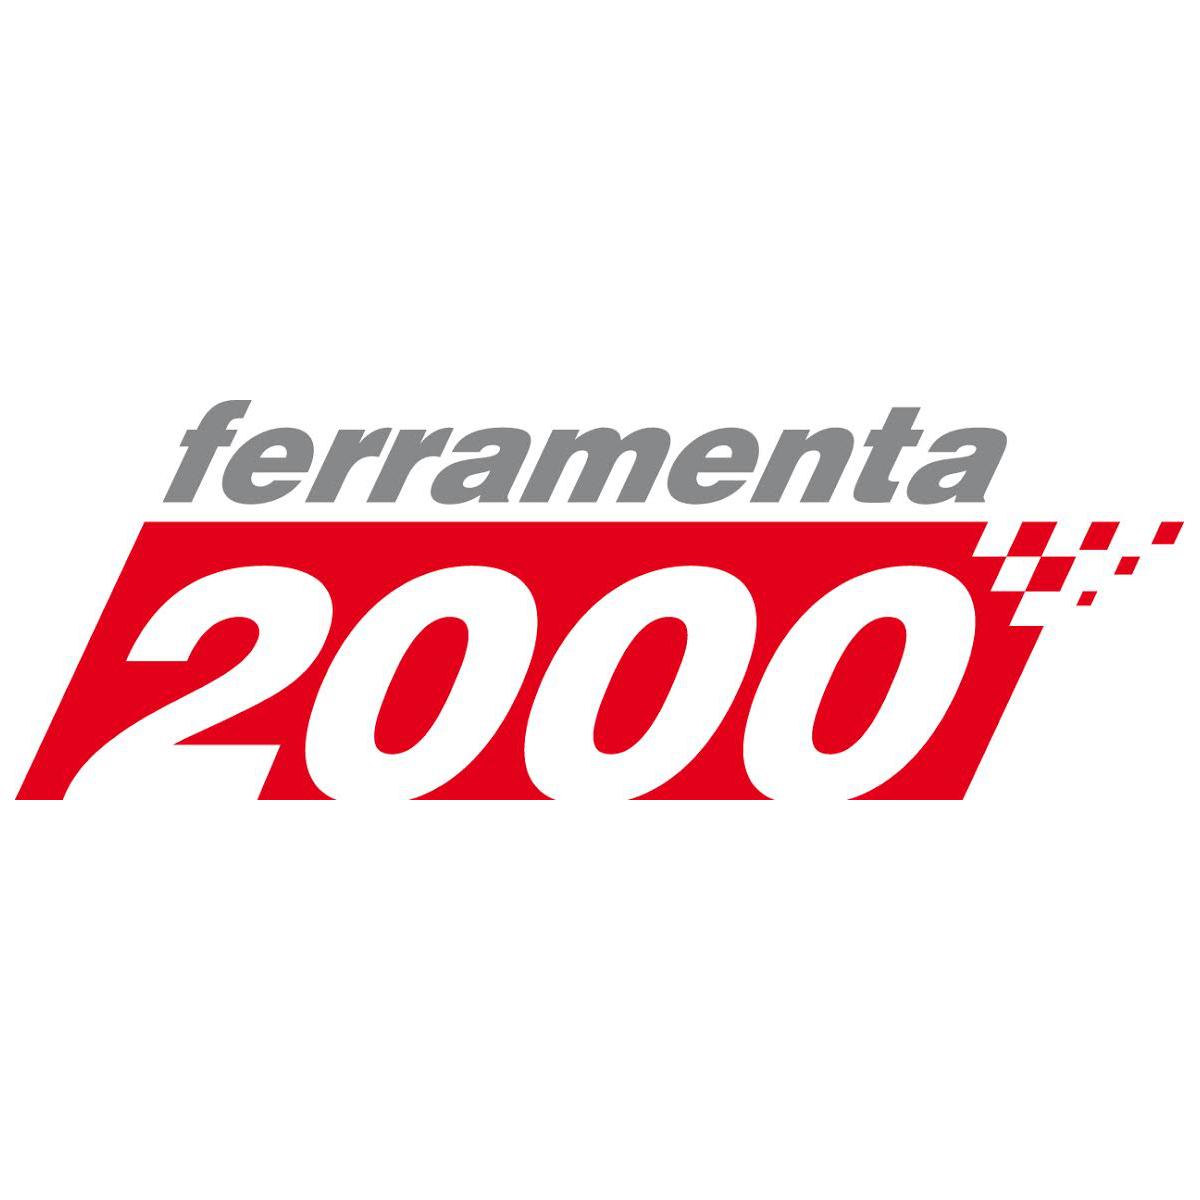 Ferramenta 2000